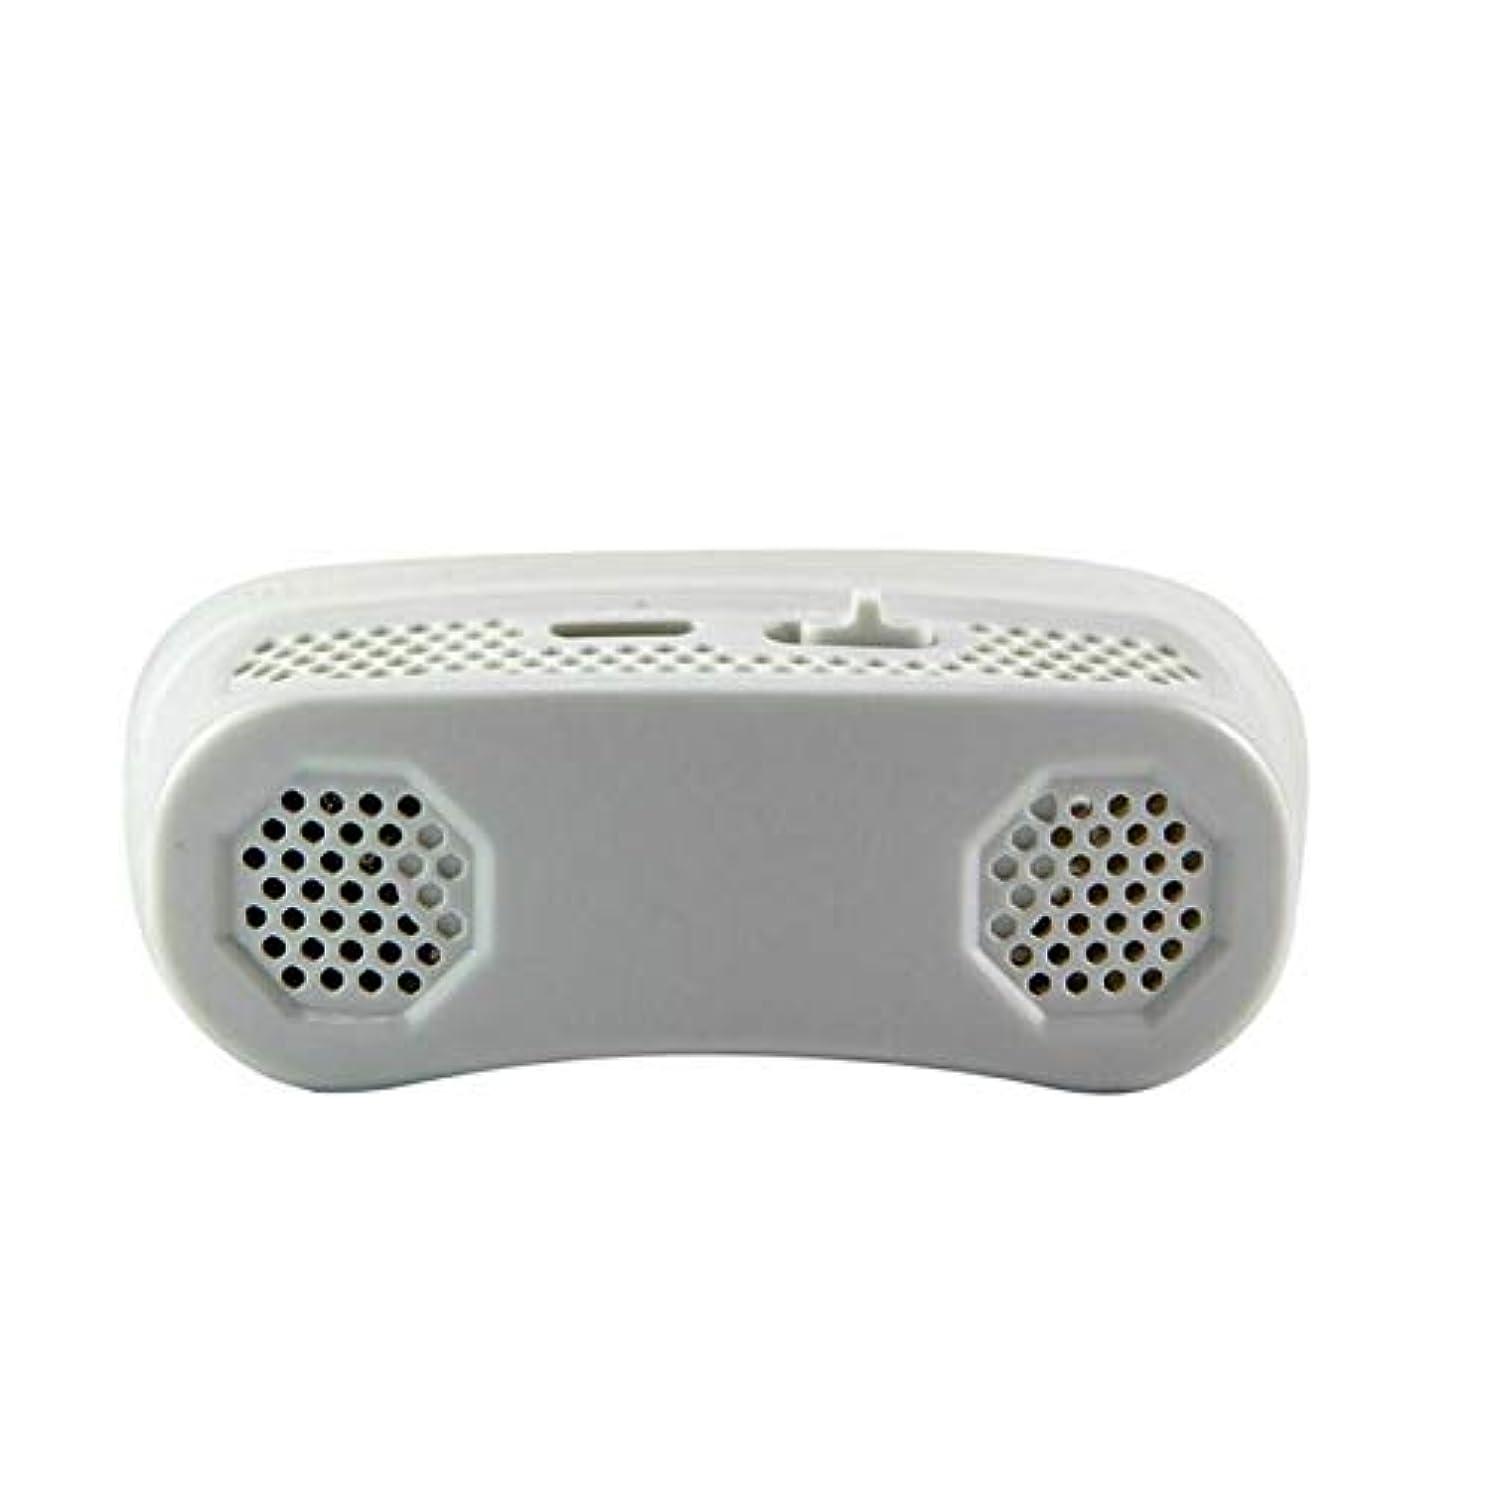 サリー学校教育海峡ひも睡眠時無呼吸停止いびき止め栓用マイクロCPAPアンチいびき電子機器 - ホワイト